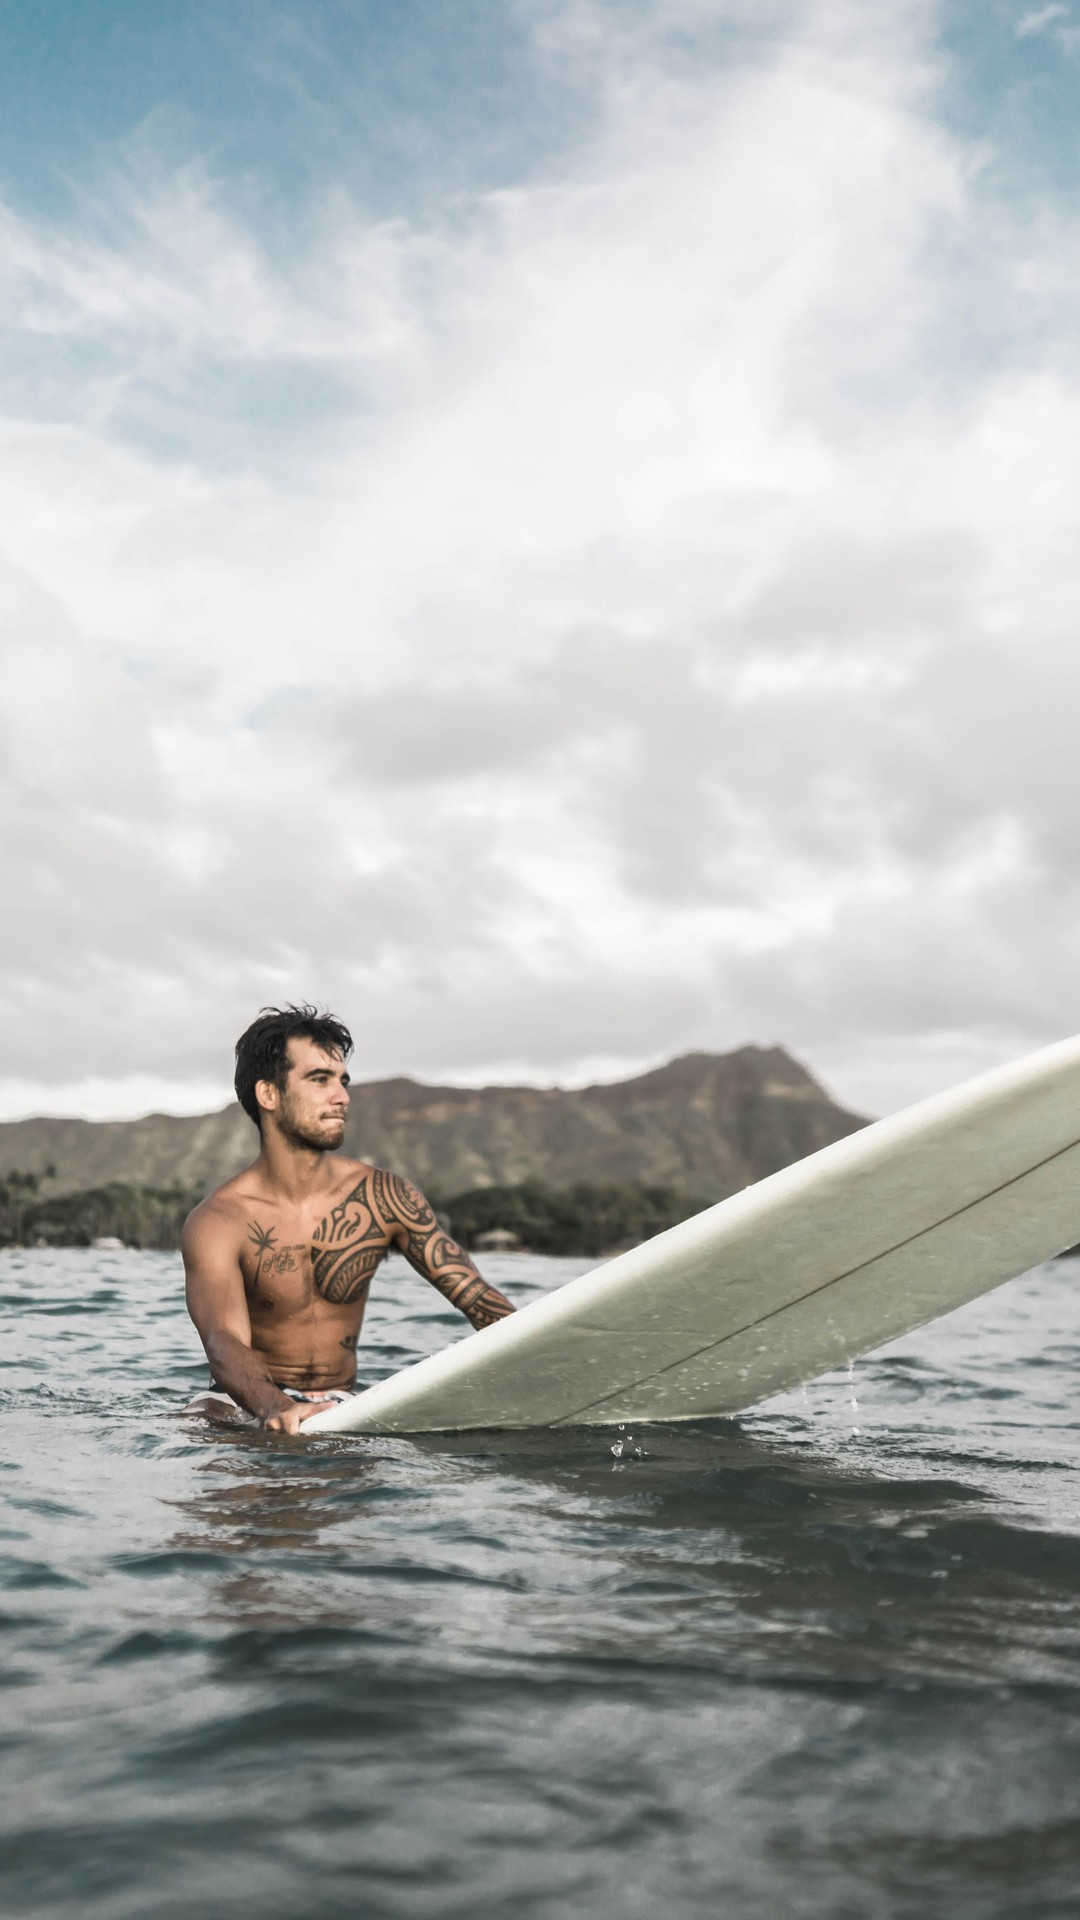 海边冲浪极限运动图片壁纸